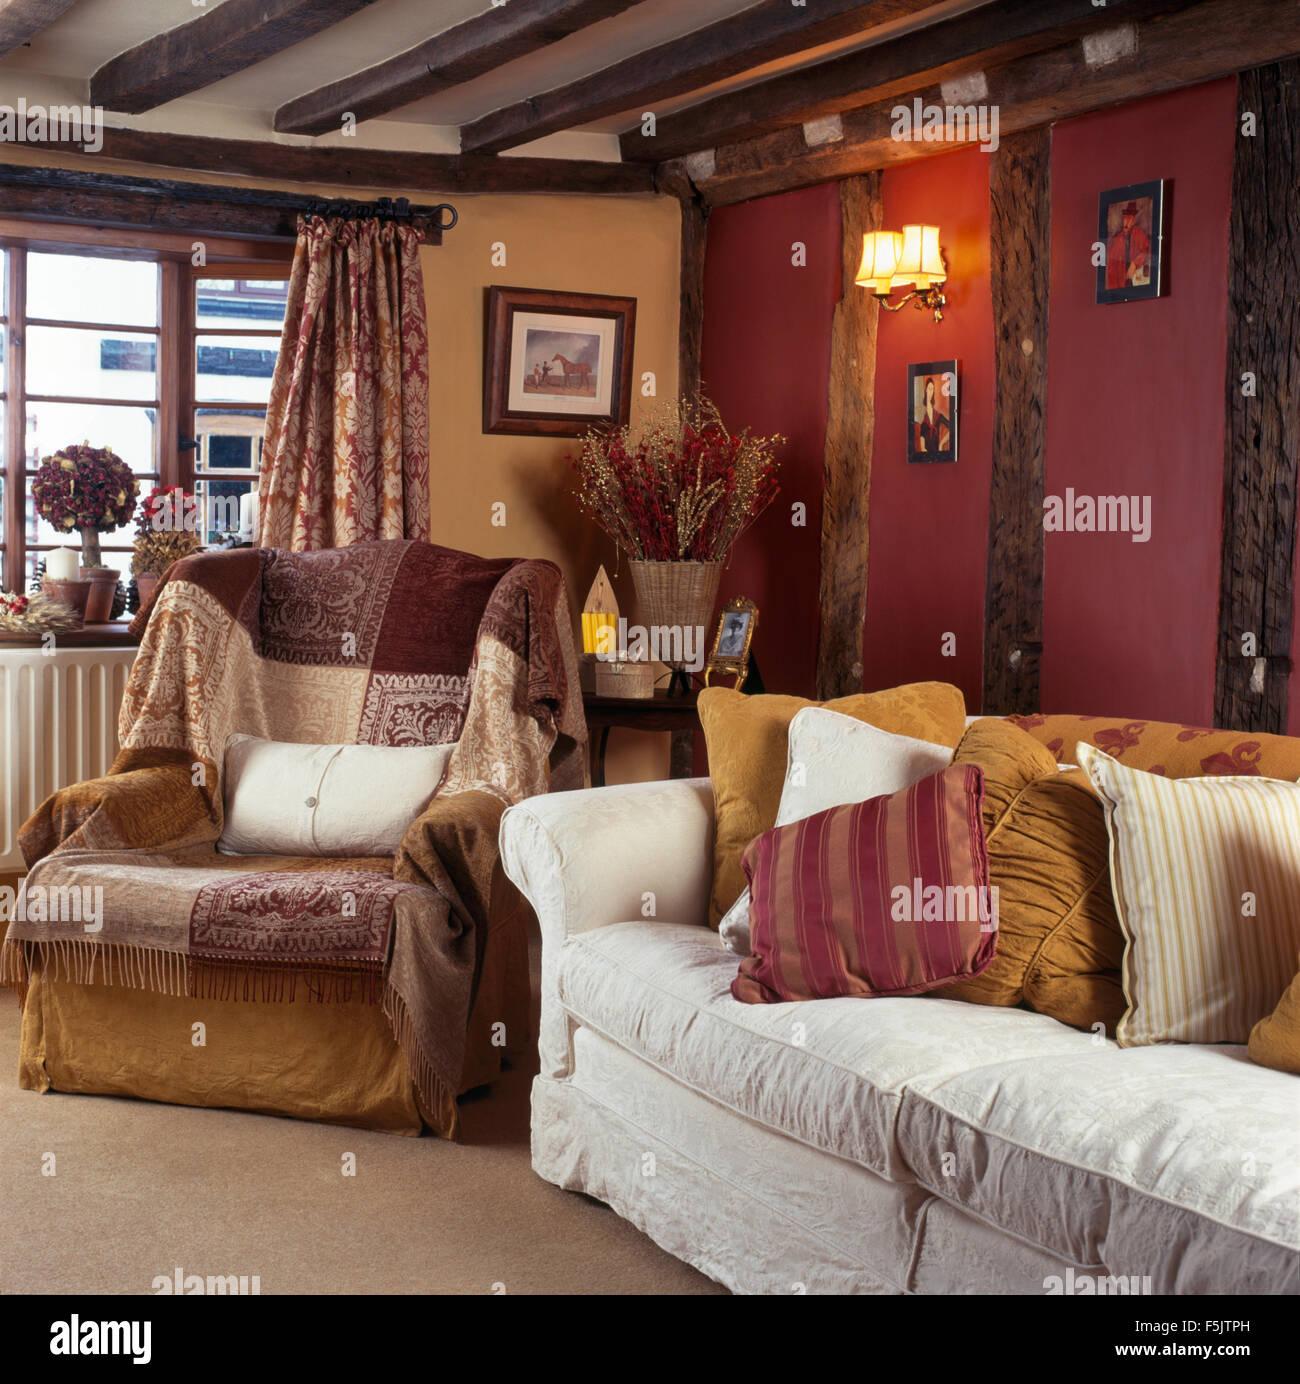 Braun Patchwork Wurf Auf Sessel Im Wohnzimmer Für Gemütliche Hütte Mit  Erdfarben Kissen Auf Einem Weißen Sofa